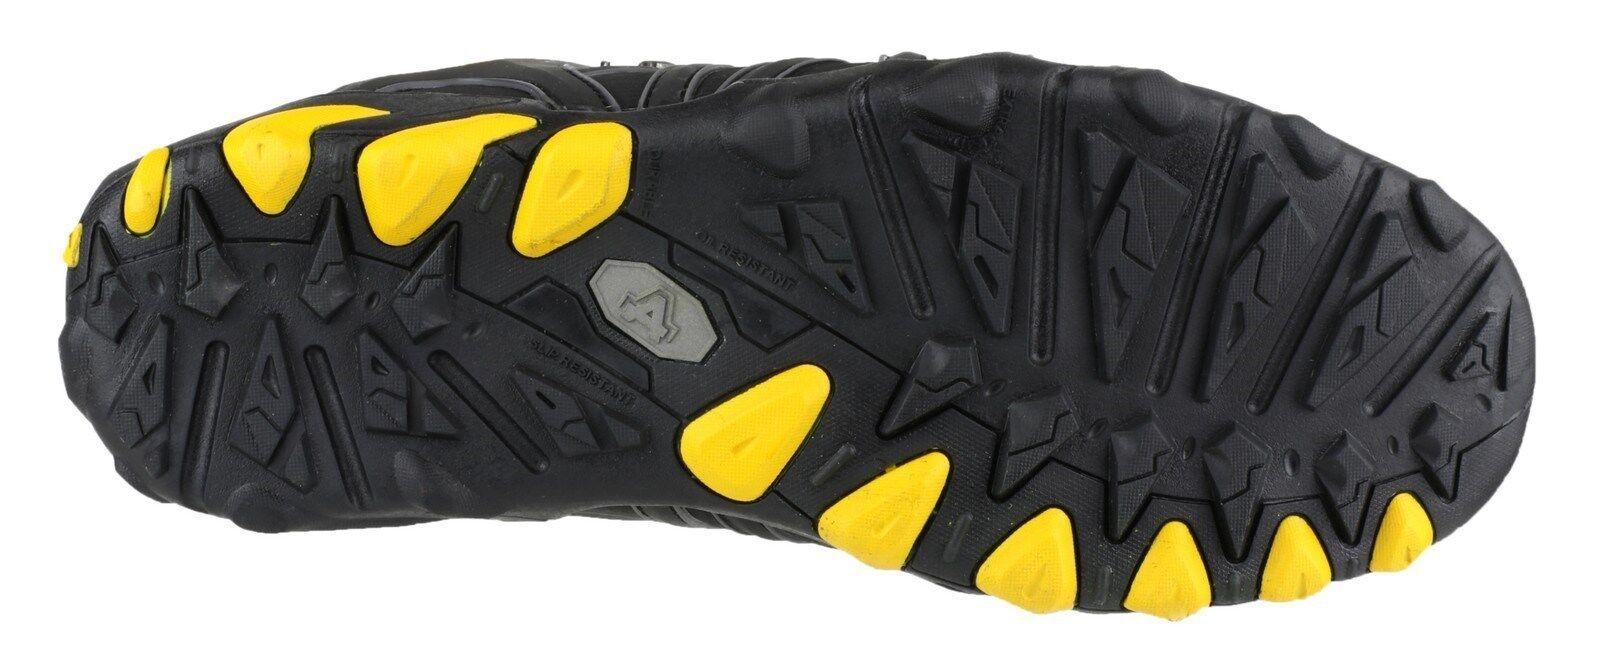 Amblers FS23 scarpe scarpe scarpe da ginnastica da Soft Shell in acciaio PUNTALE ENS Linea Donna Scarpe Lavoro efaea7